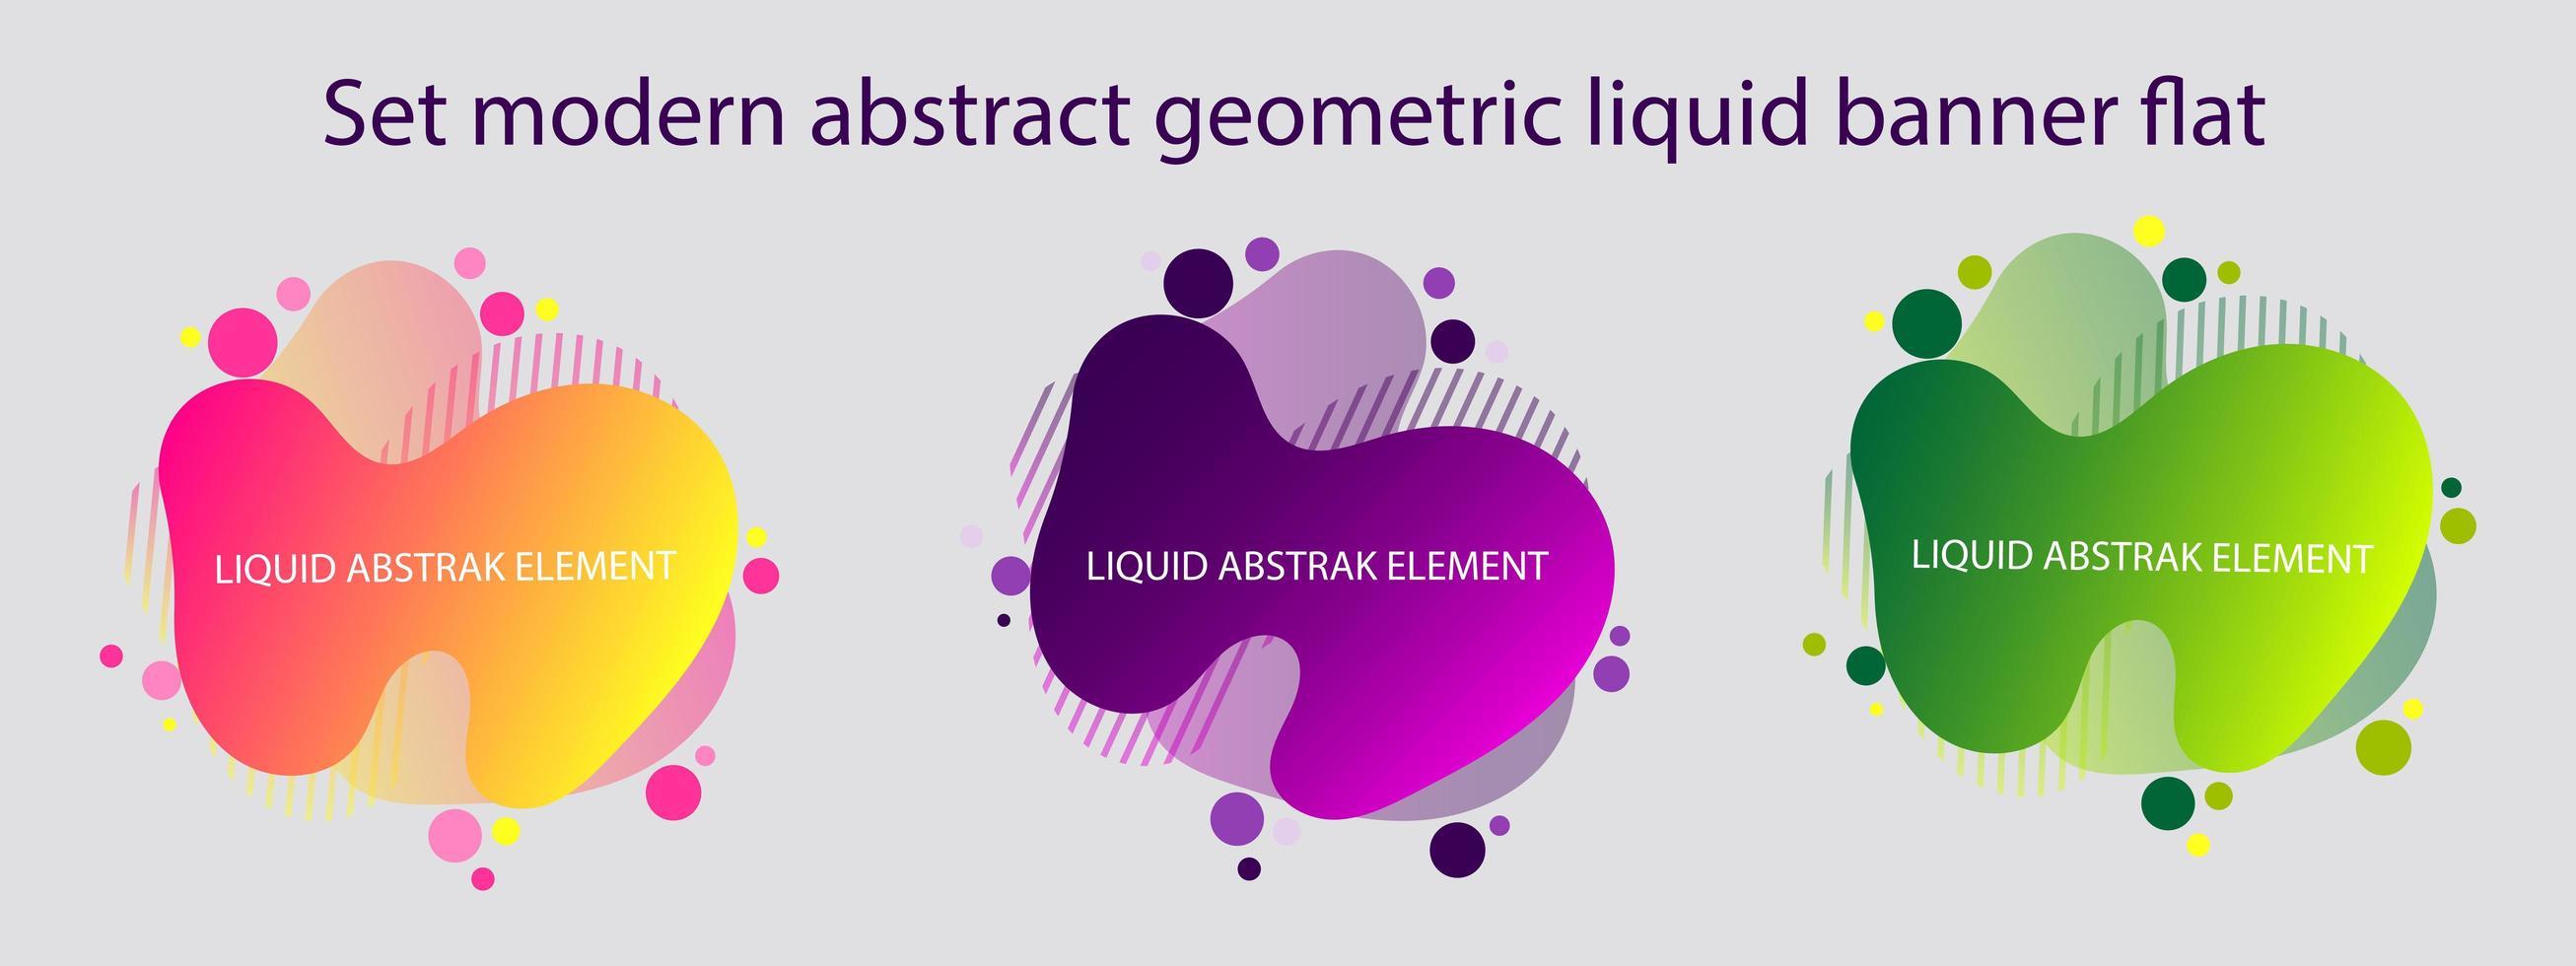 ensemble de bannières liquides géométriques abstraites modernes vecteur